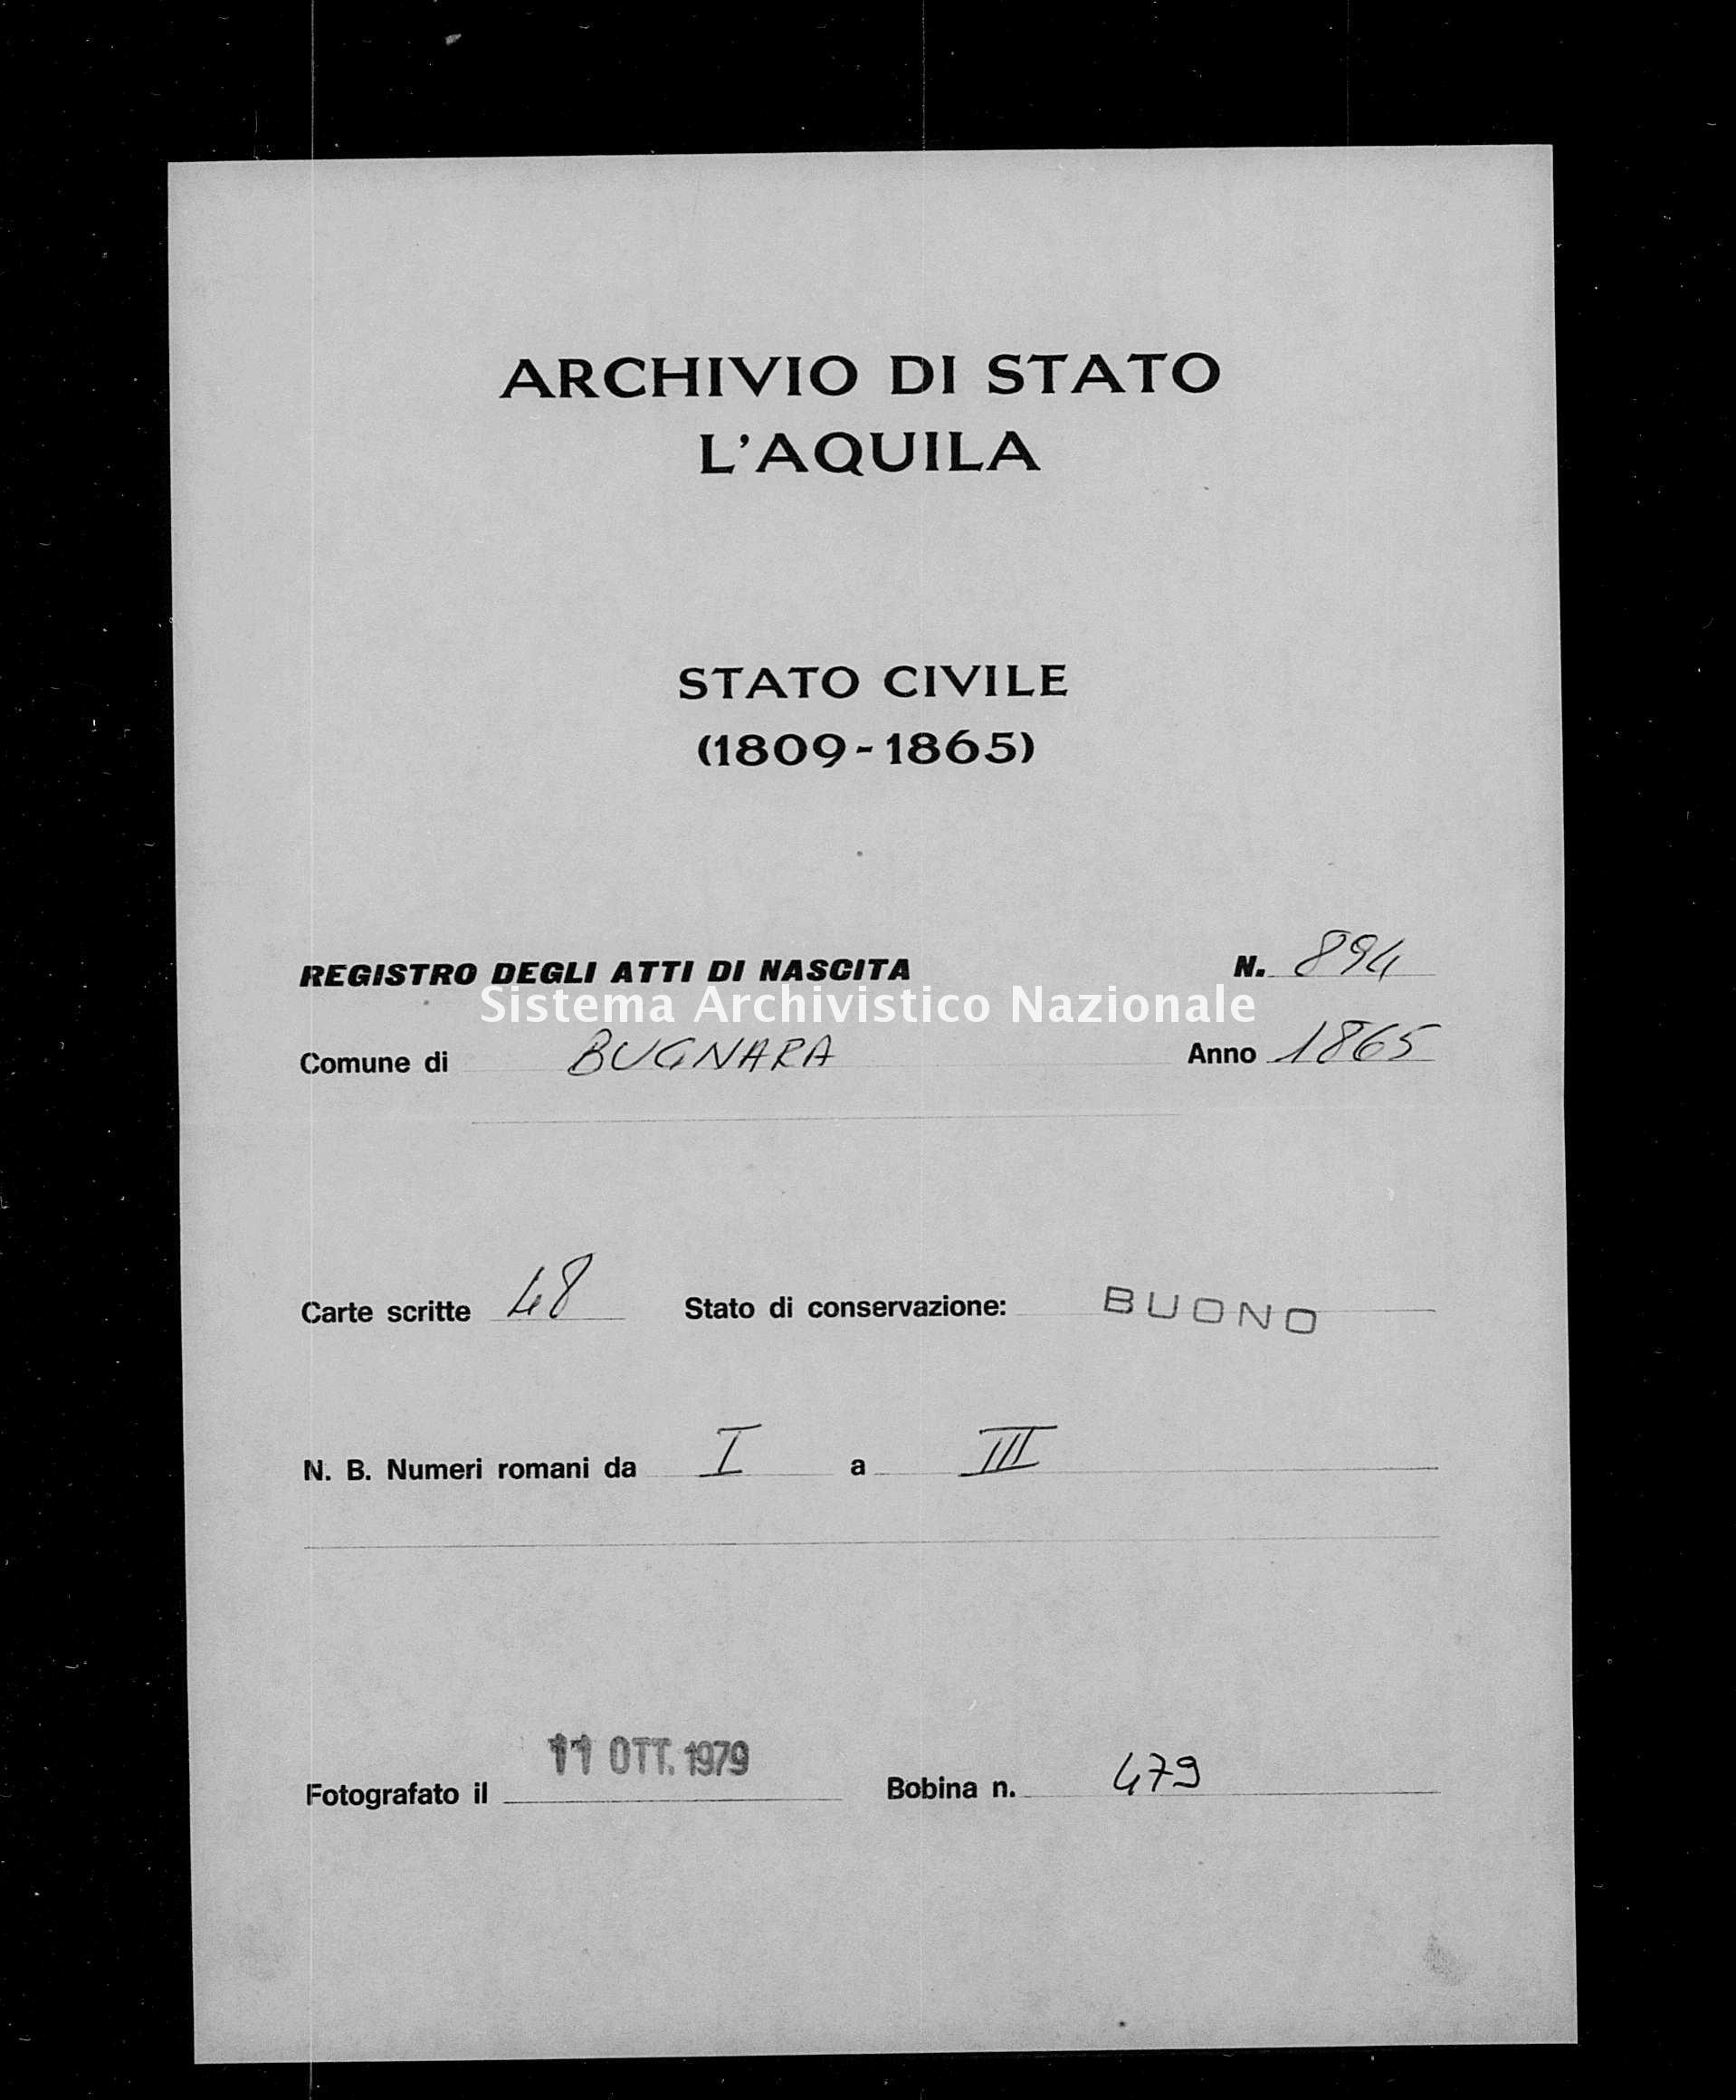 Archivio di stato di L'aquila - Stato civile italiano - Bugnara - Nati - 1865 - 894 -